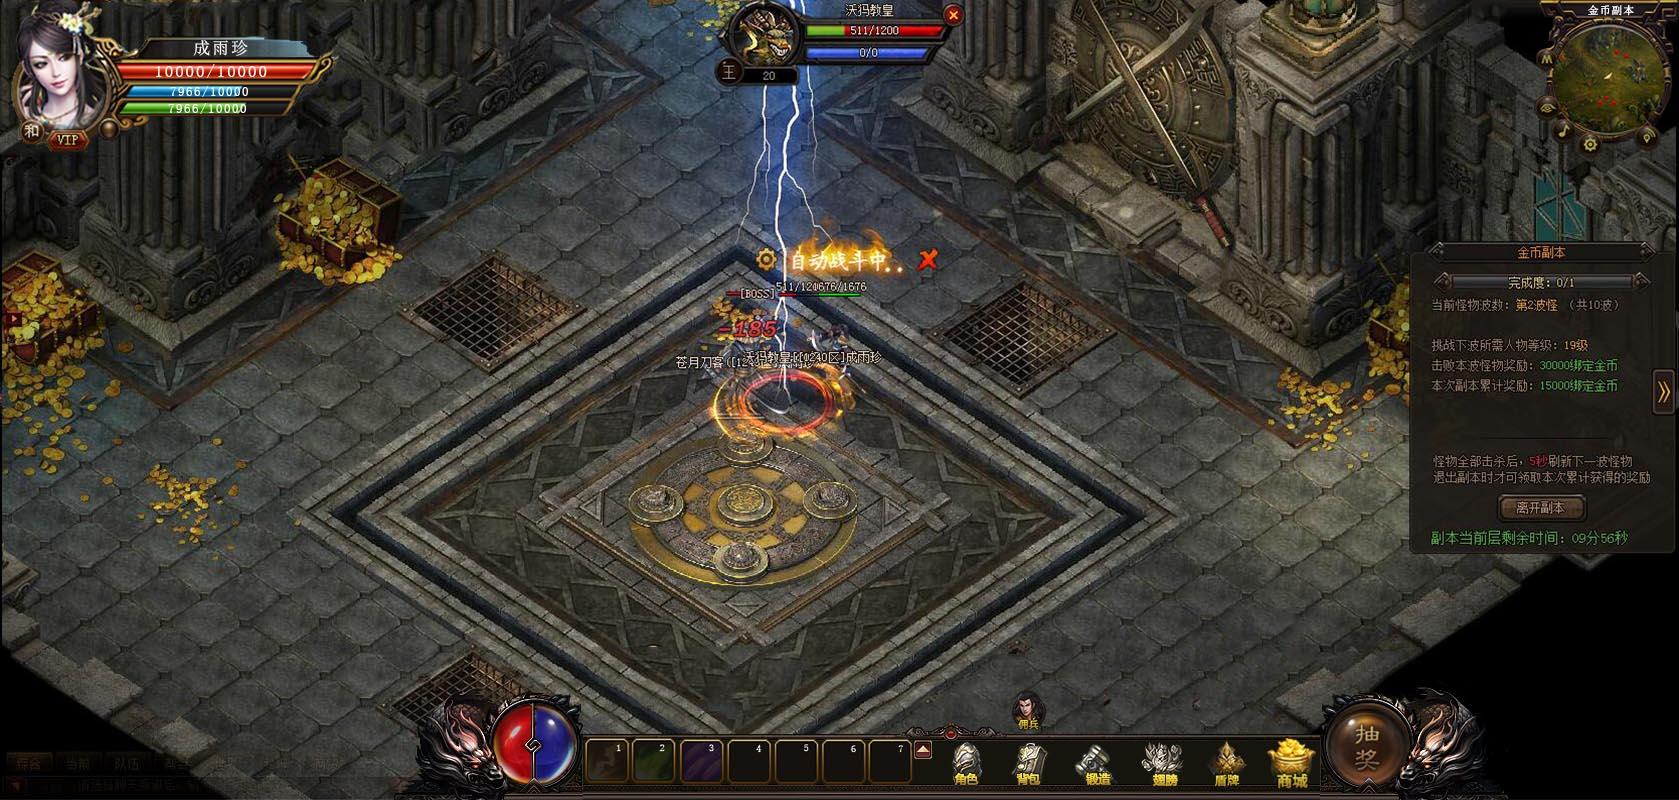 魔龙崛起OL游戏截图4